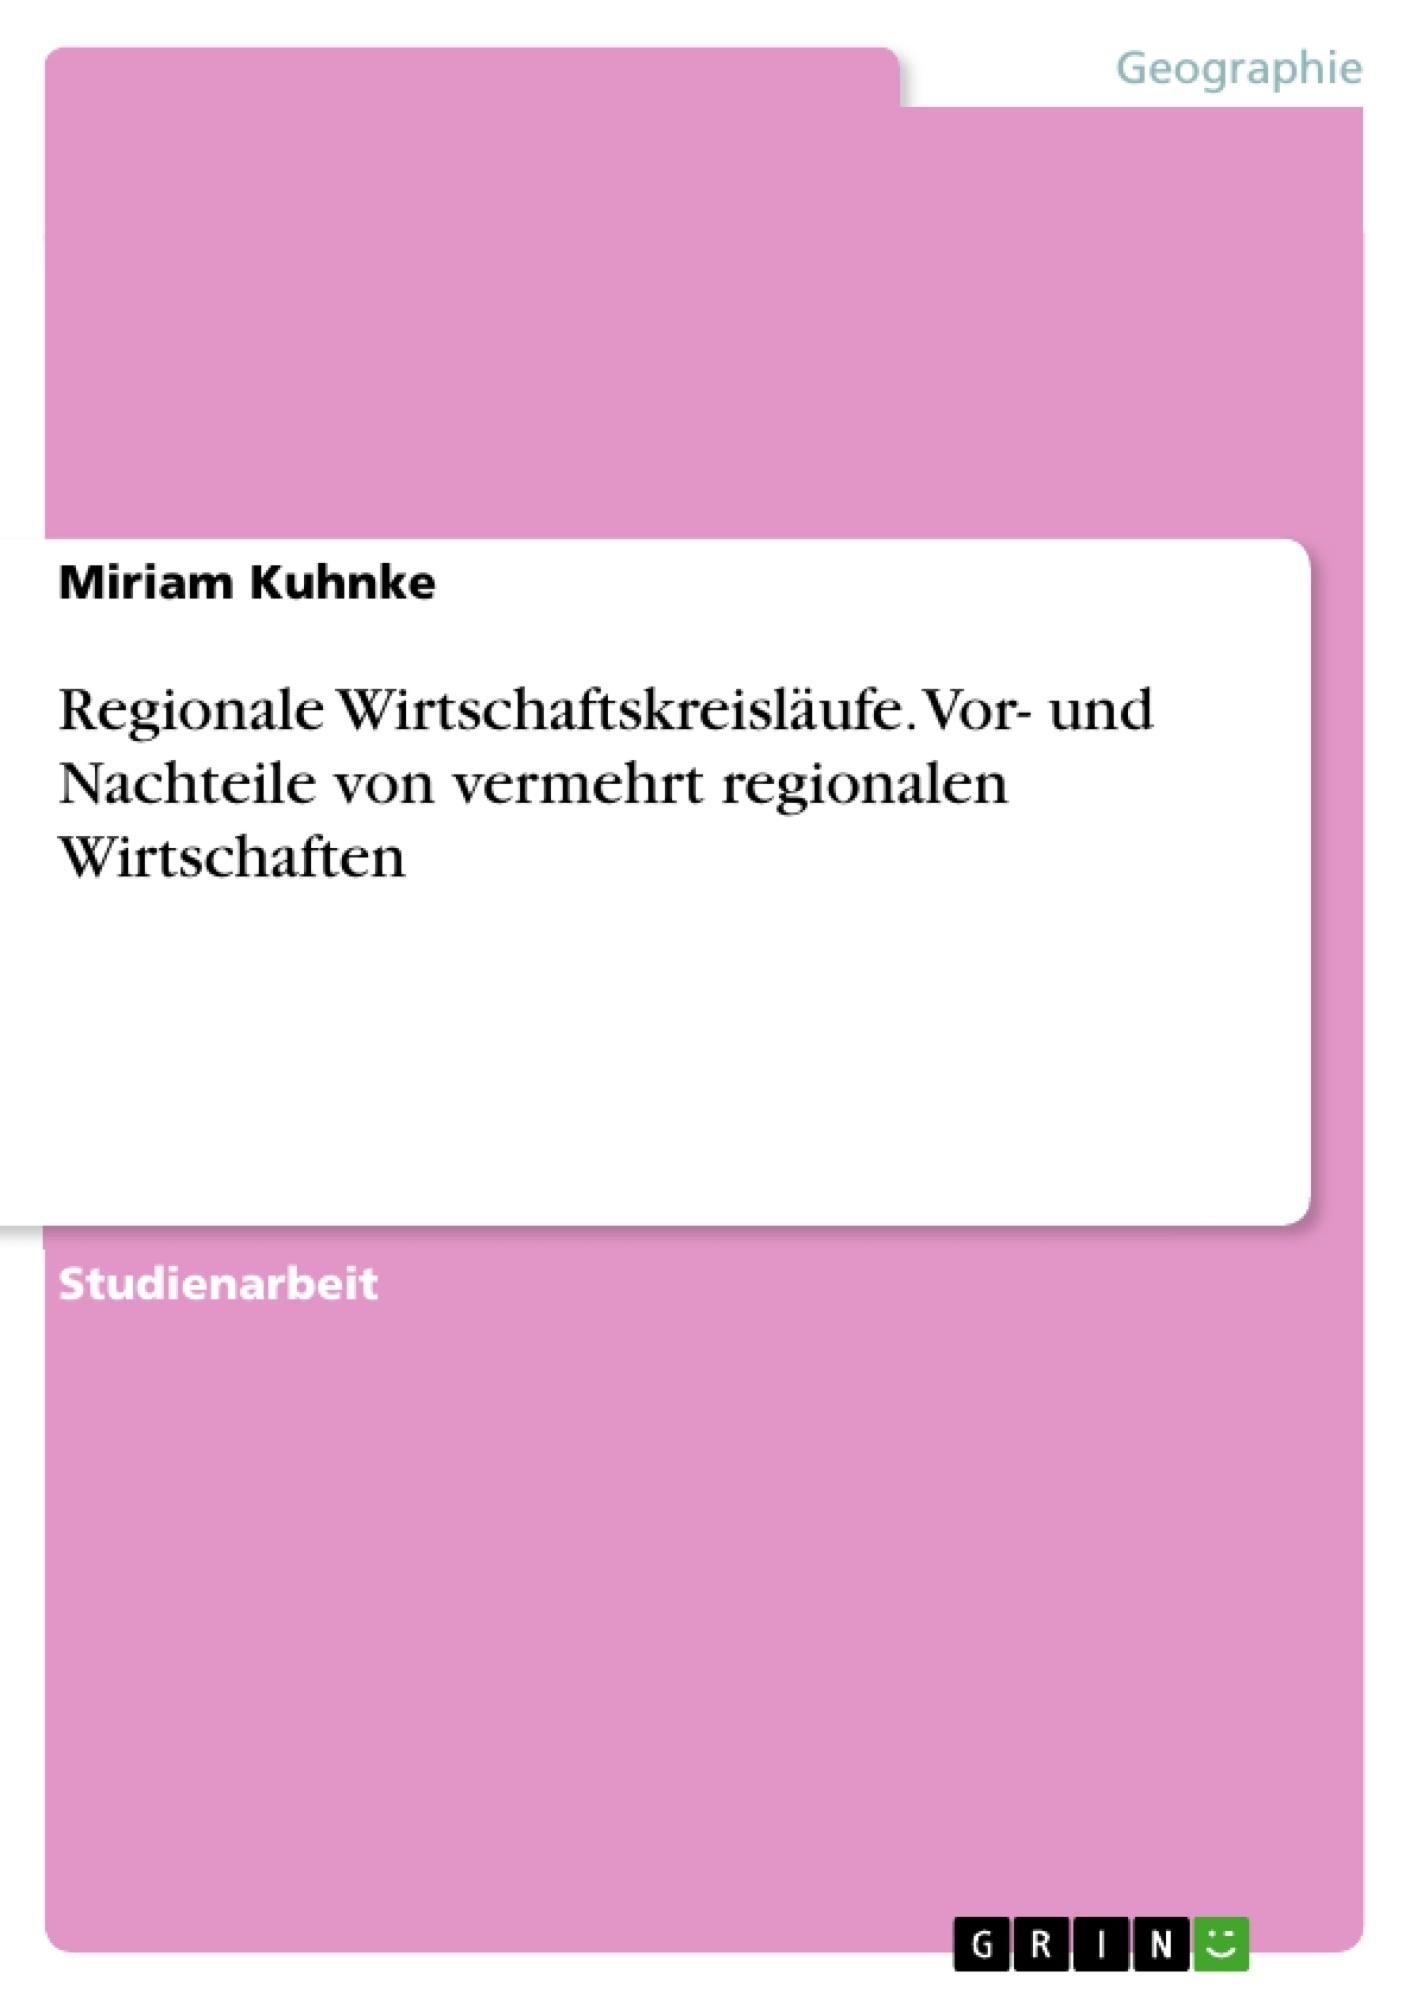 Titel: Regionale Wirtschaftskreisläufe. Vor- und Nachteile von vermehrt regionalen Wirtschaften